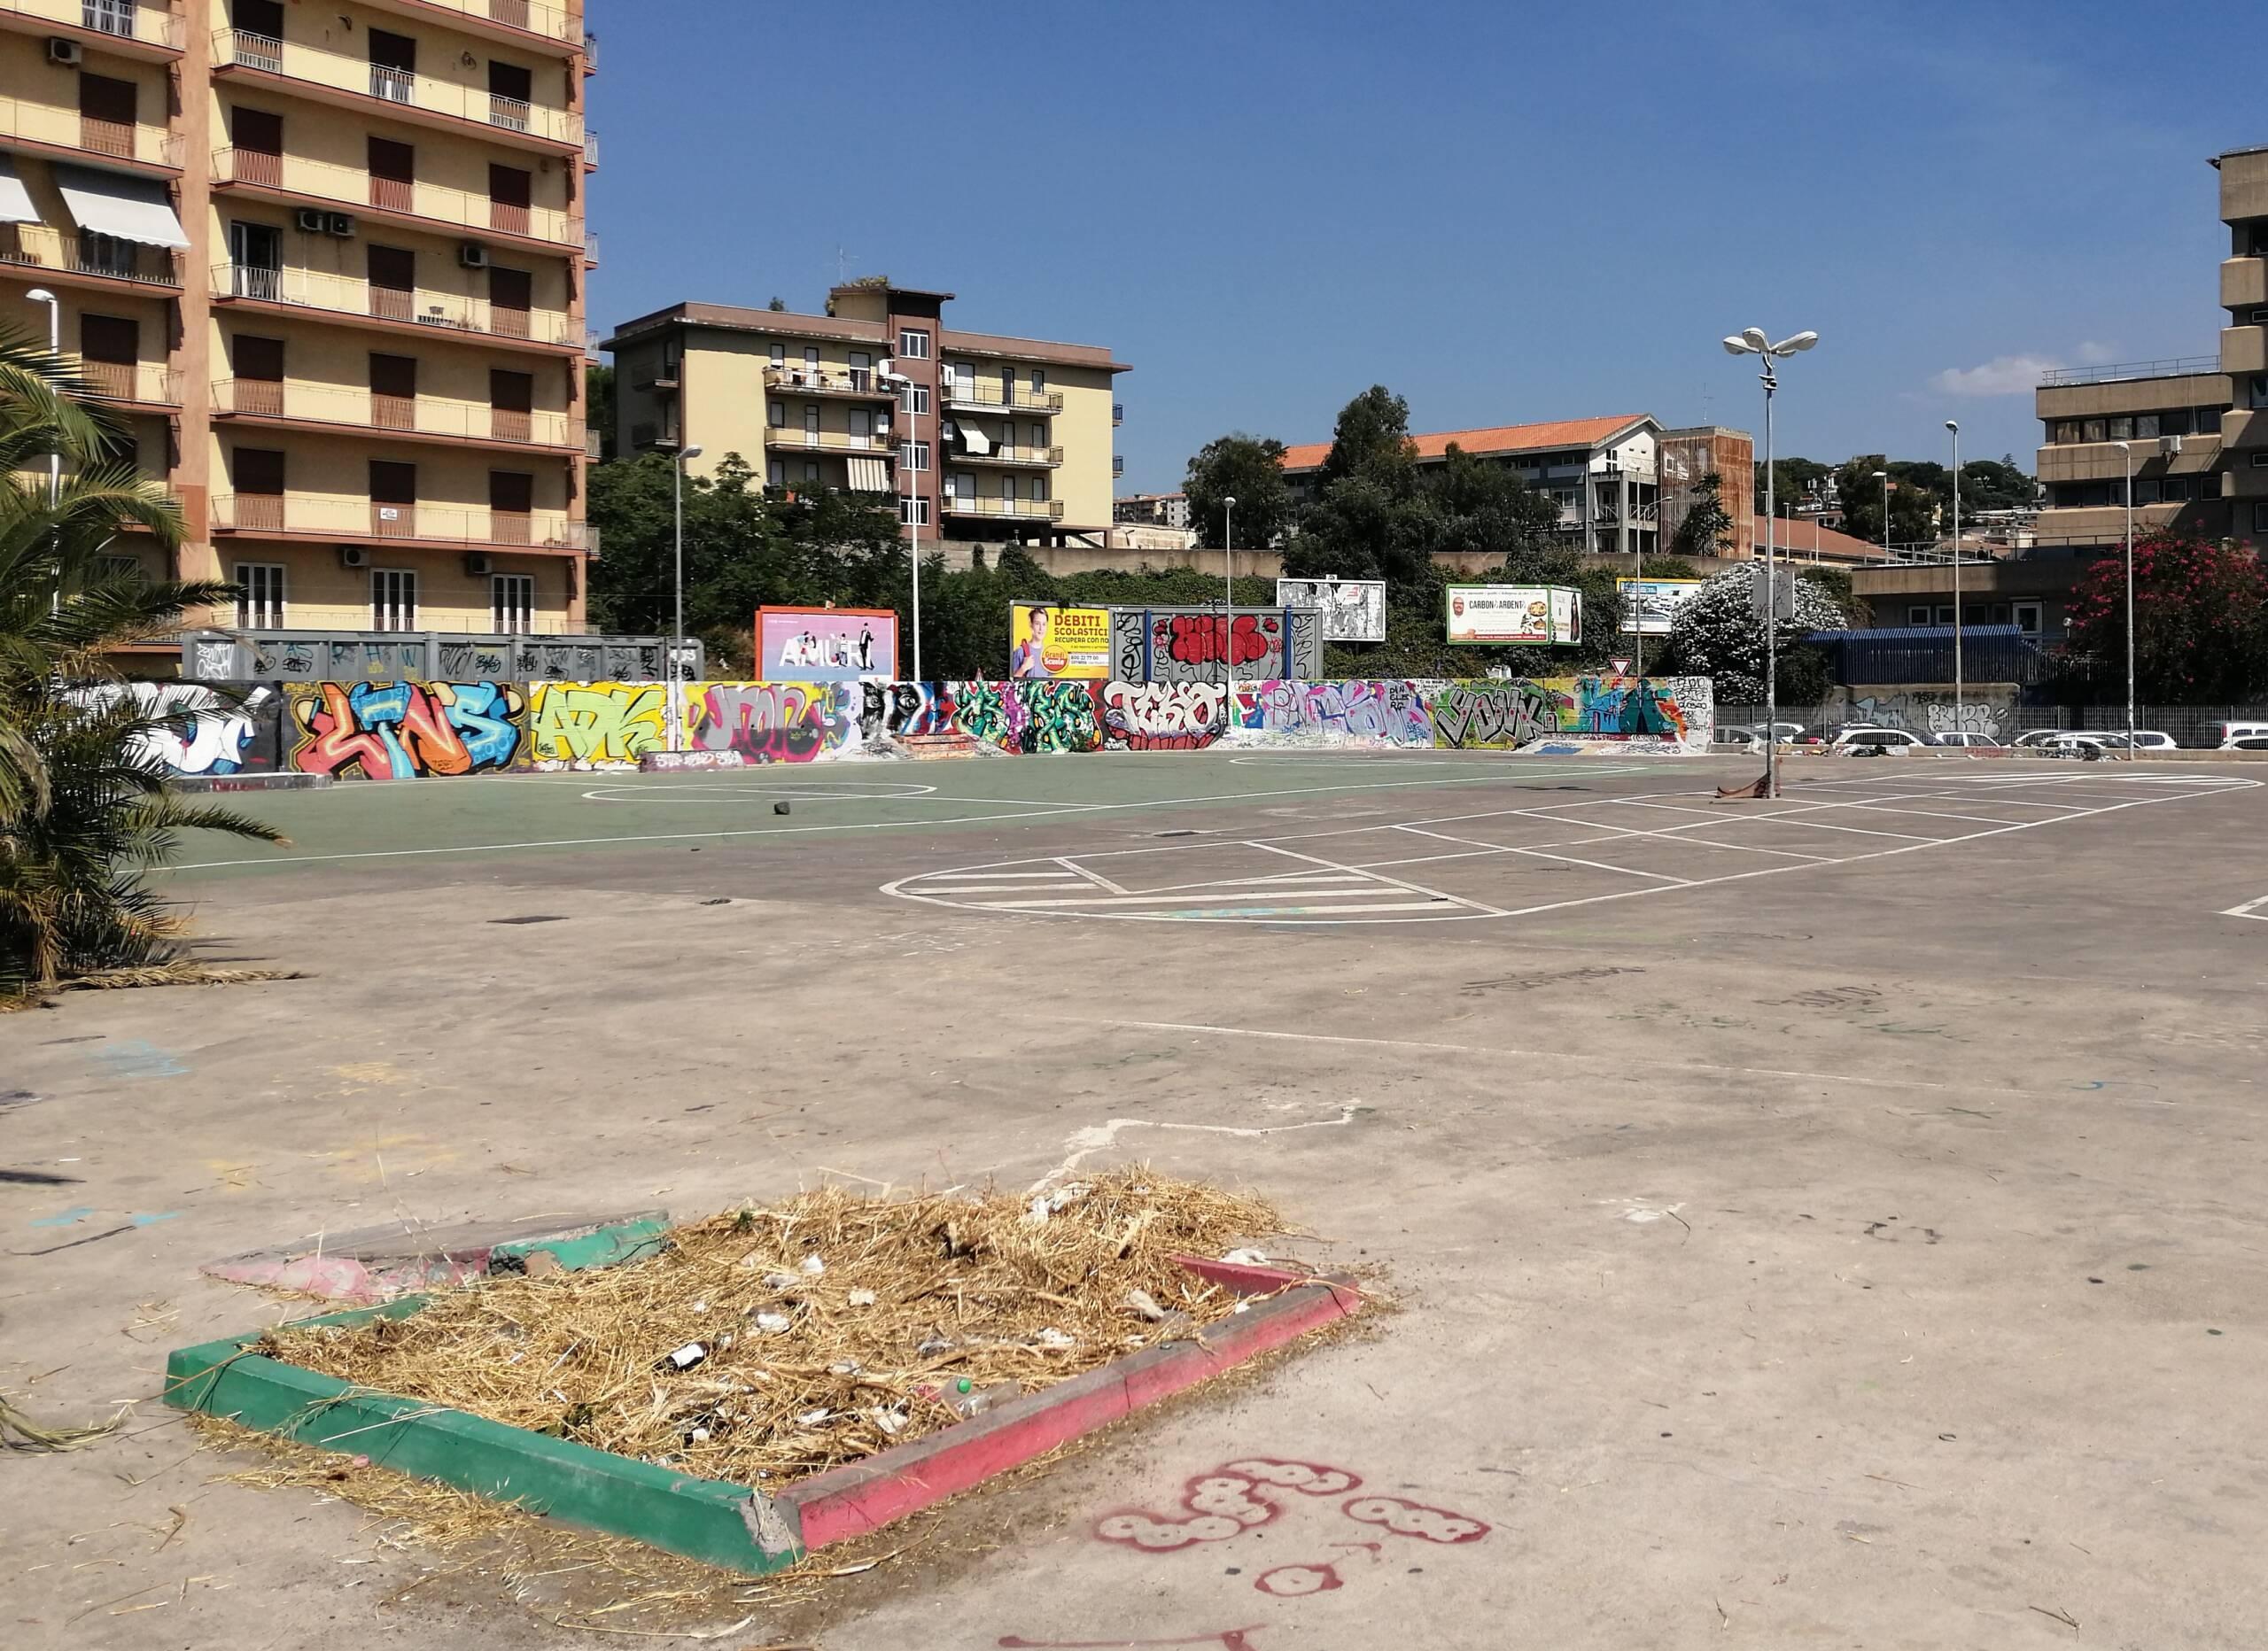 Pulizia, decoro e sviluppo per lo slargo di via Ala. Le richieste del Presidente Ferrara (III Municipio Catania)